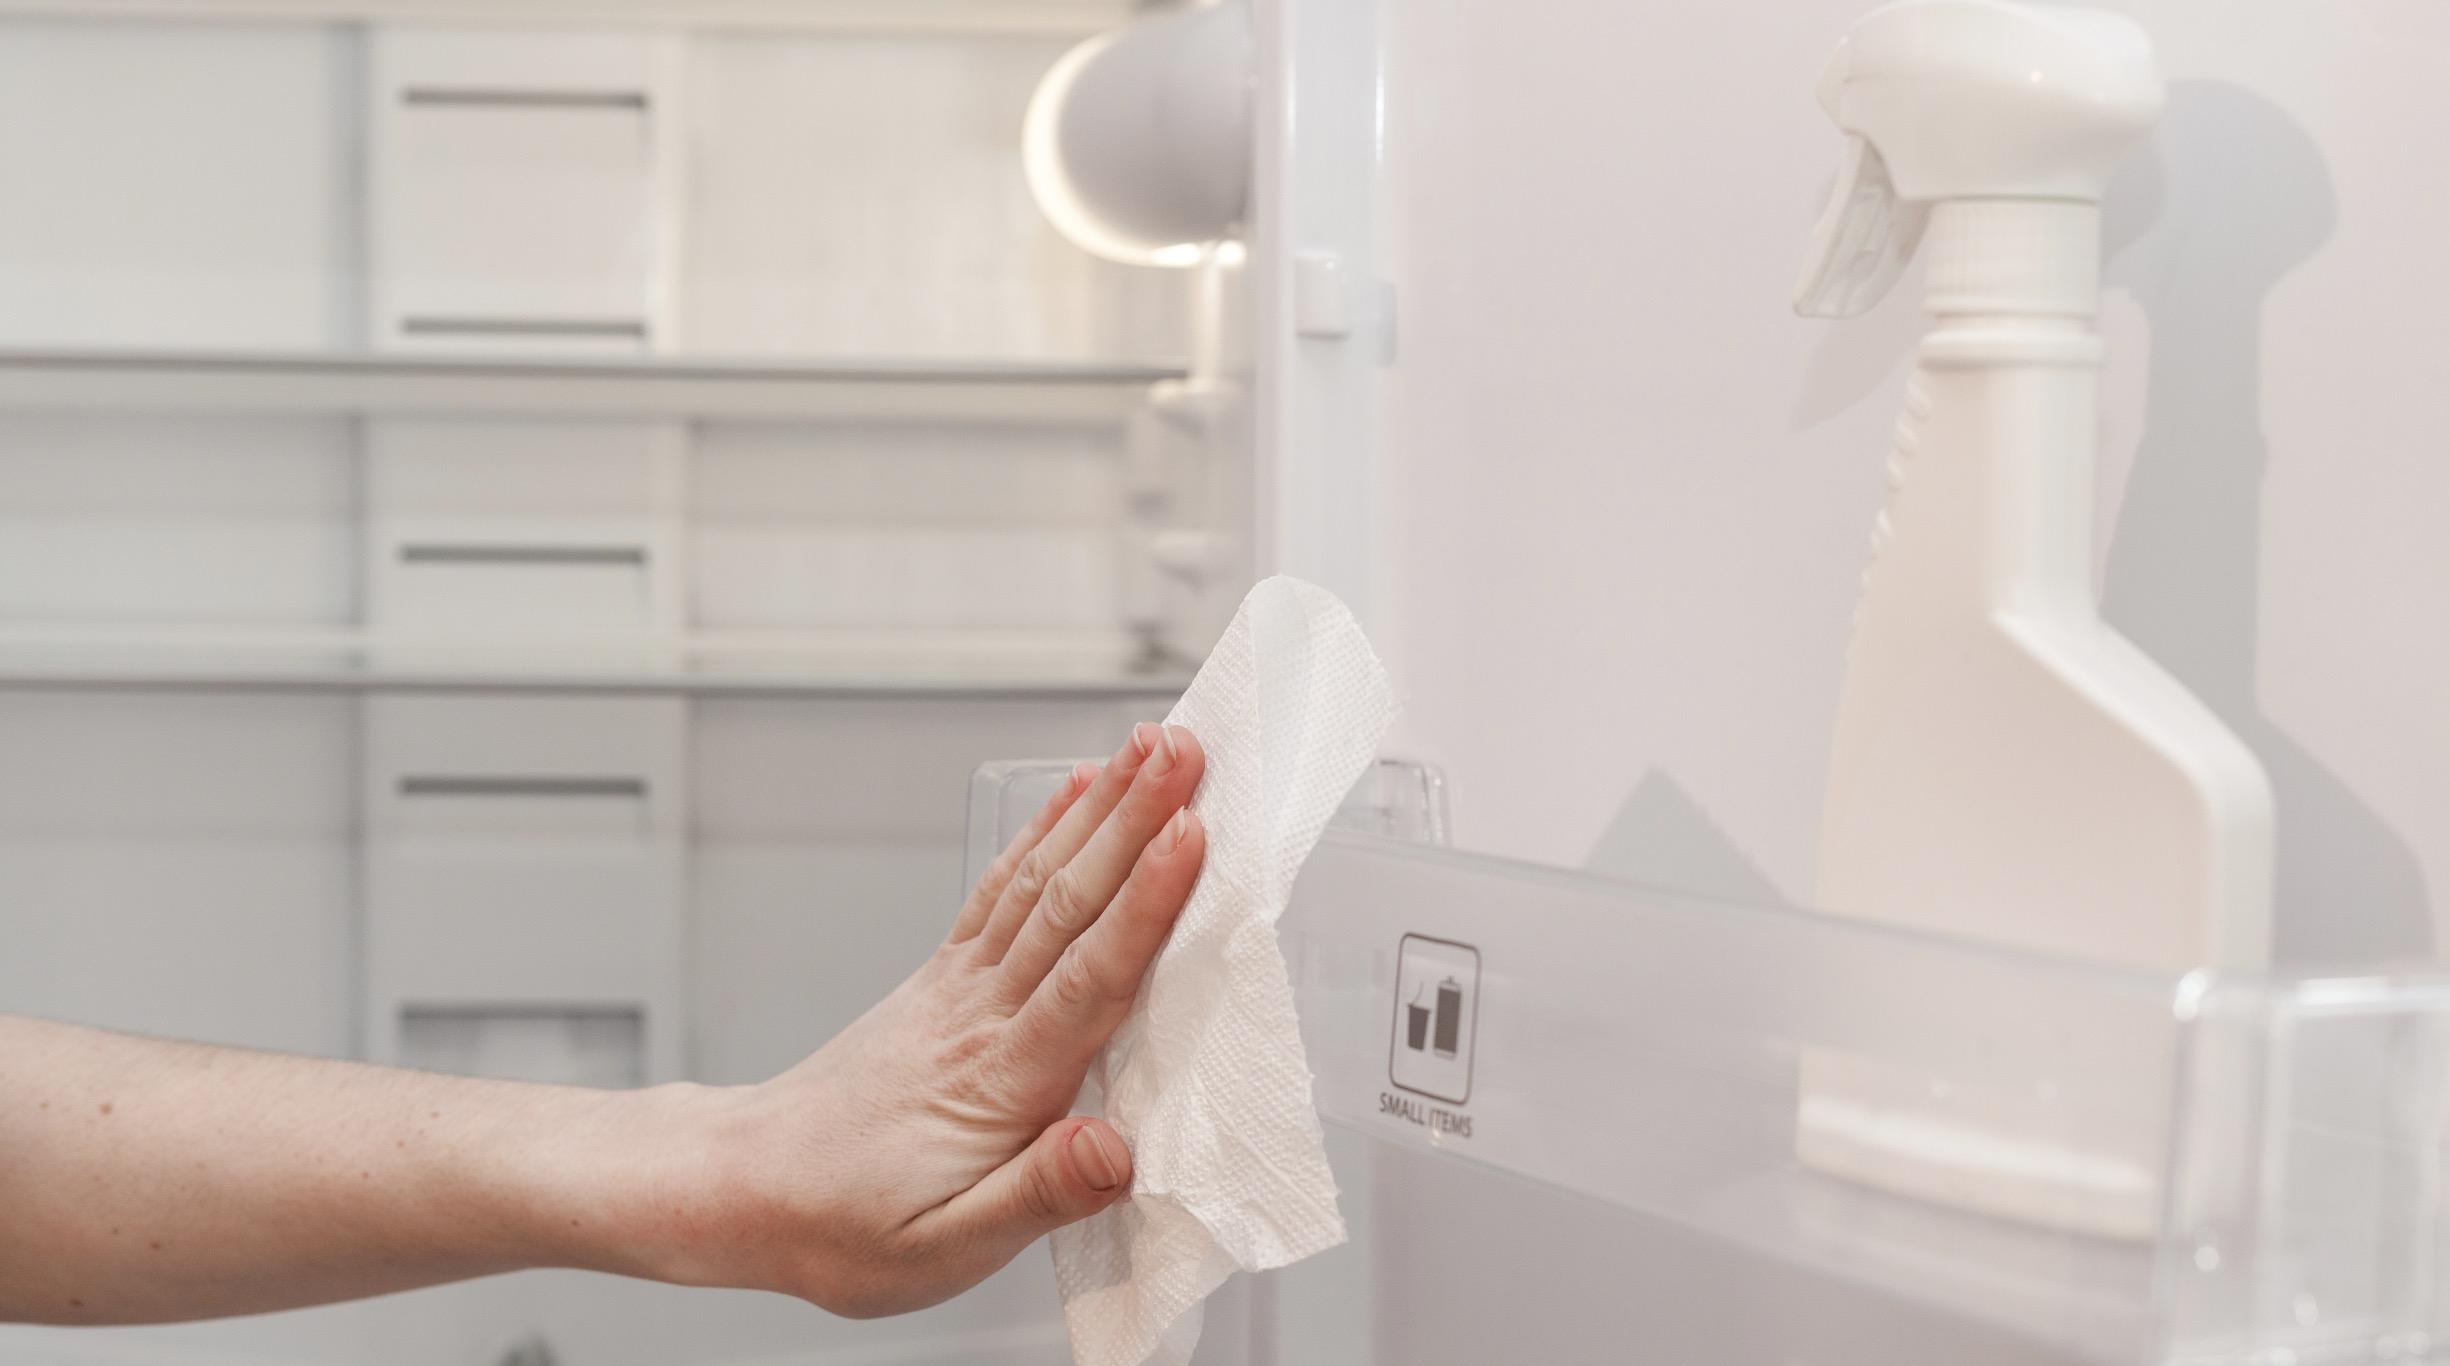 Comment nettoyer le frigo/congélateur pour pessah :